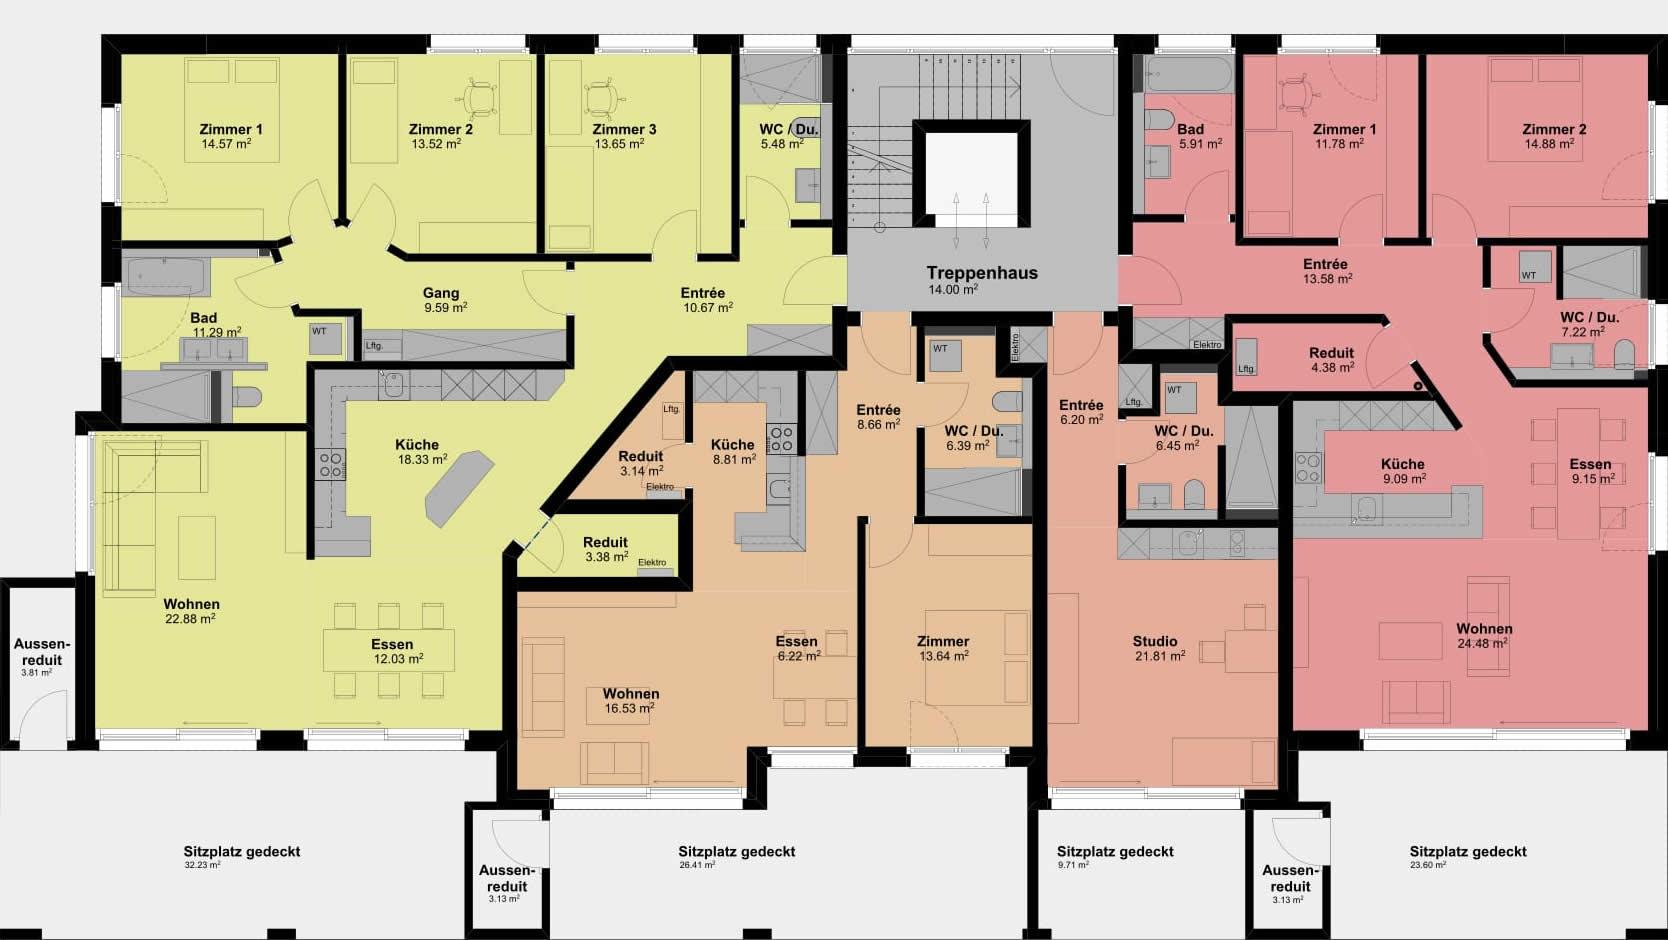 westfield_mehrfamilienhaus_haerkingen_grundriss_erdgeschoss.jpg